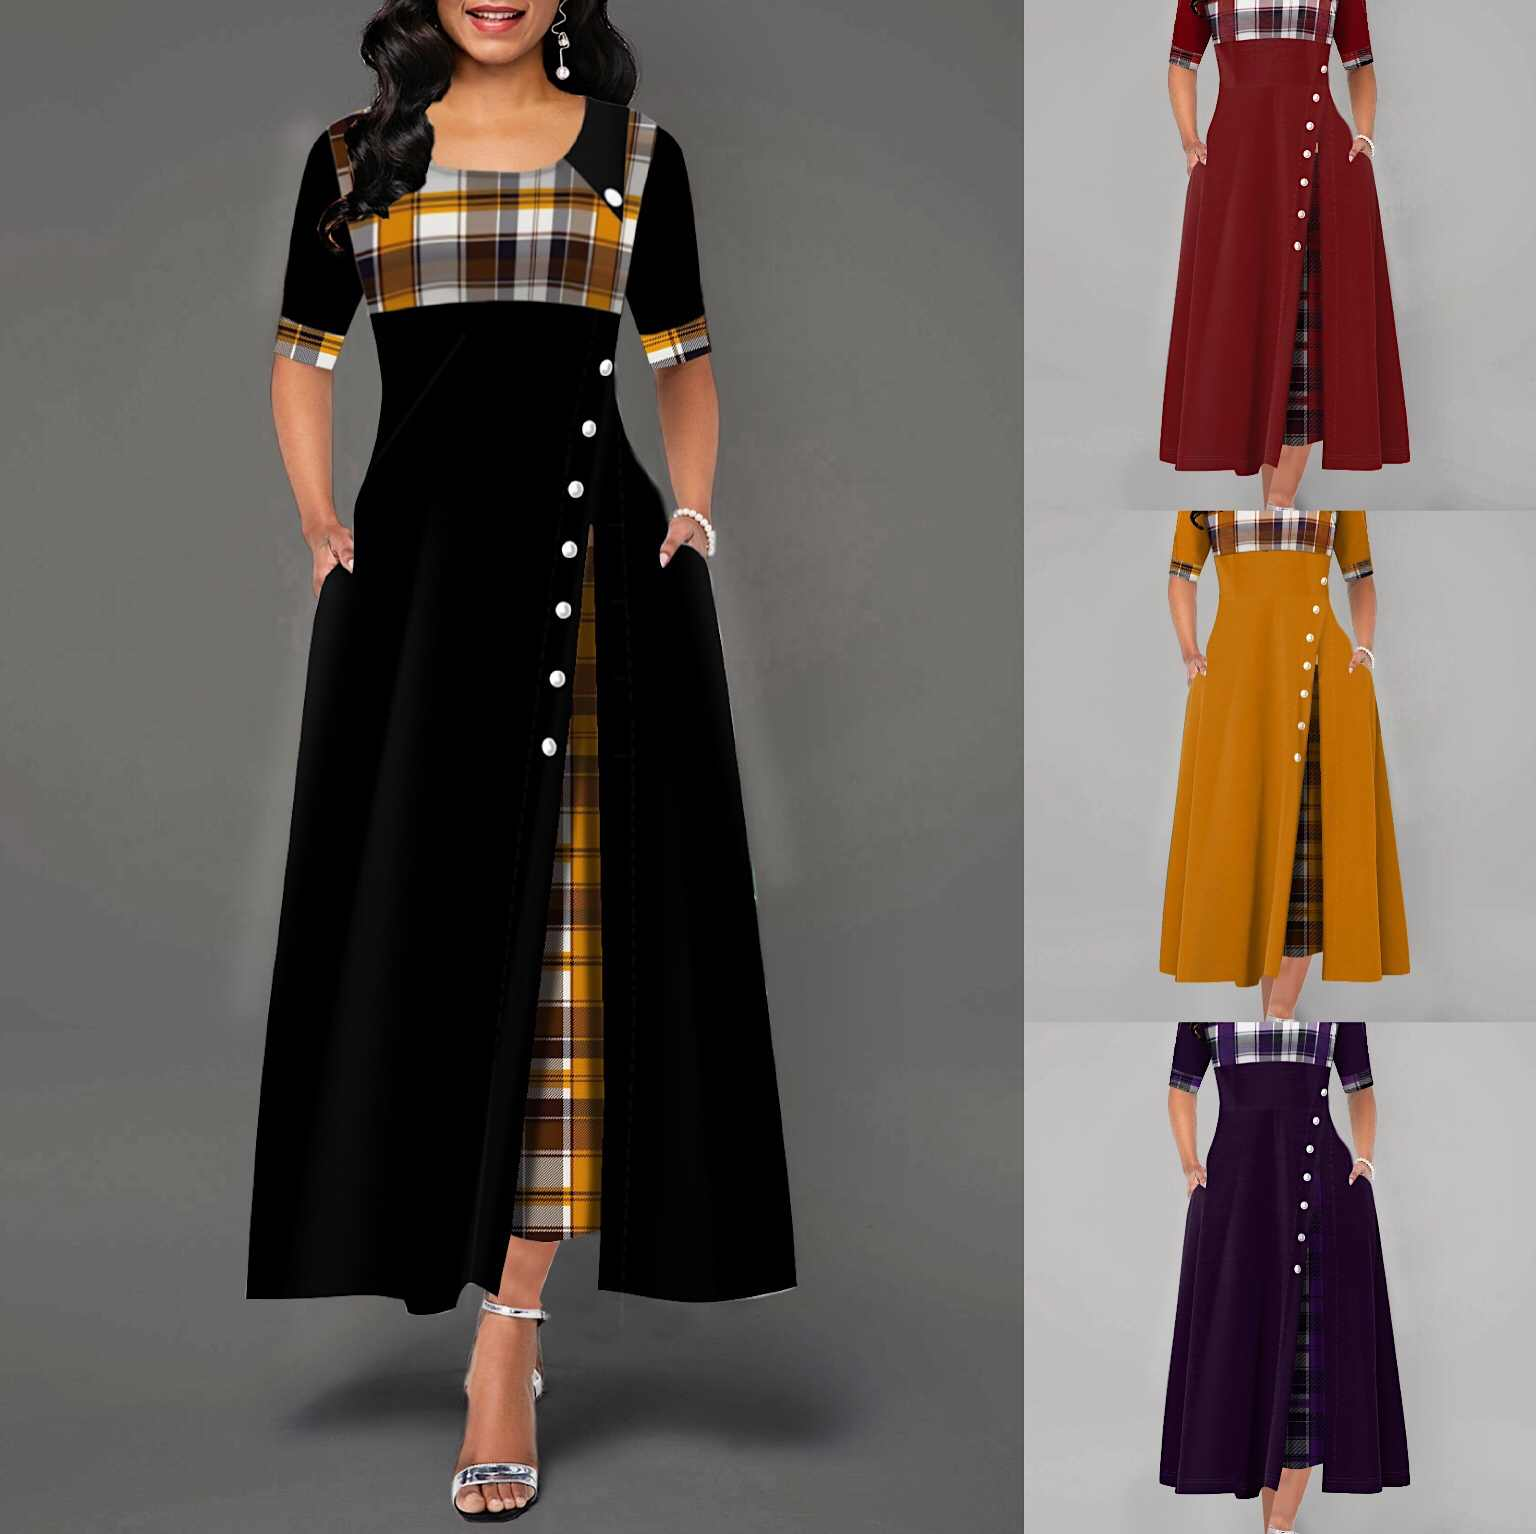 Đầm Nữ Mùa Xuân Thường Kẻ Sọc In Hình Nút Đầm Maxi Thời Trang Retro Nửa Tay ĐẦM DỰ TIỆC 2020 Plus Kích Thước Vestidos